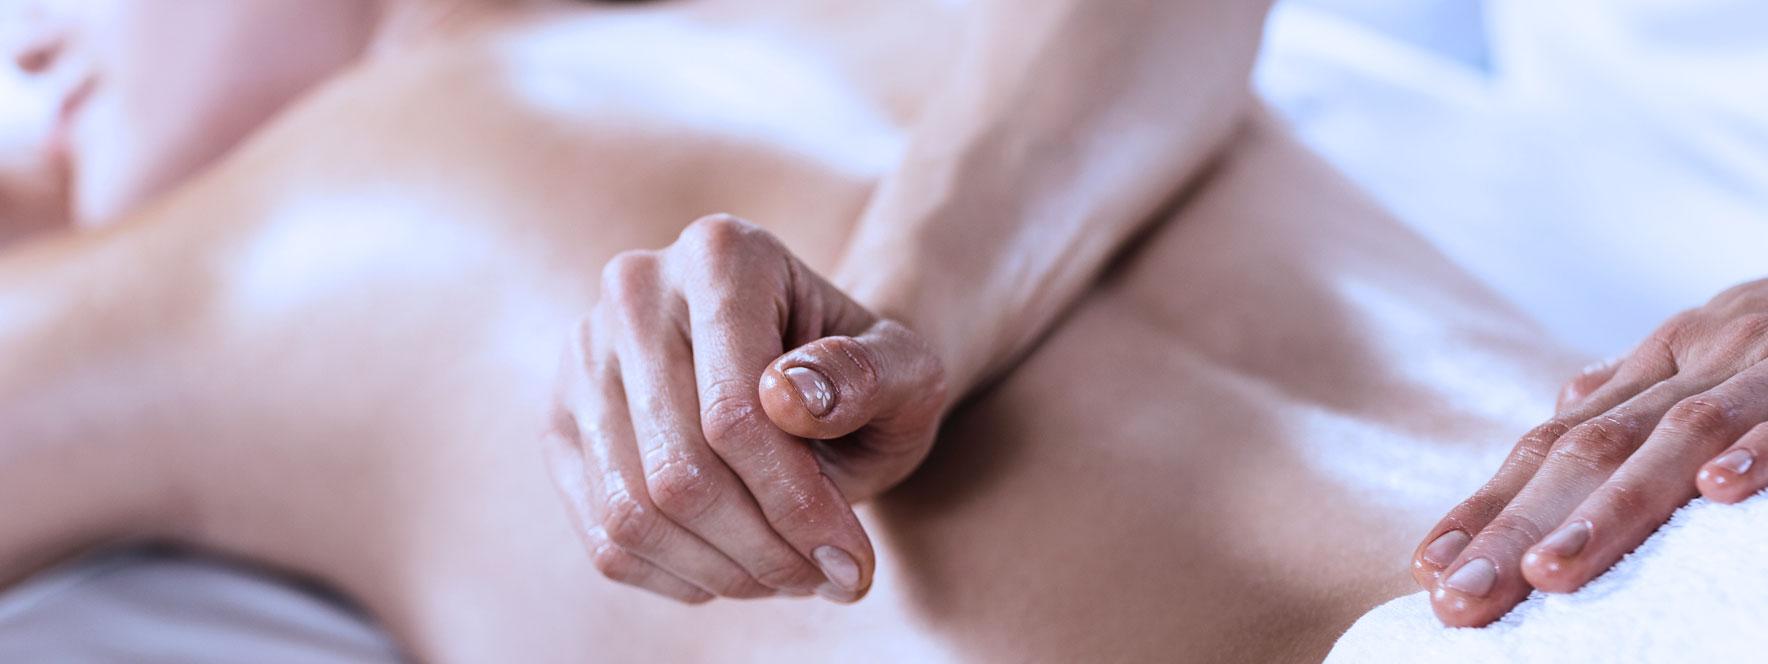 Profitez de soins thérapeutiques dans les spas - Blogue du Réseau